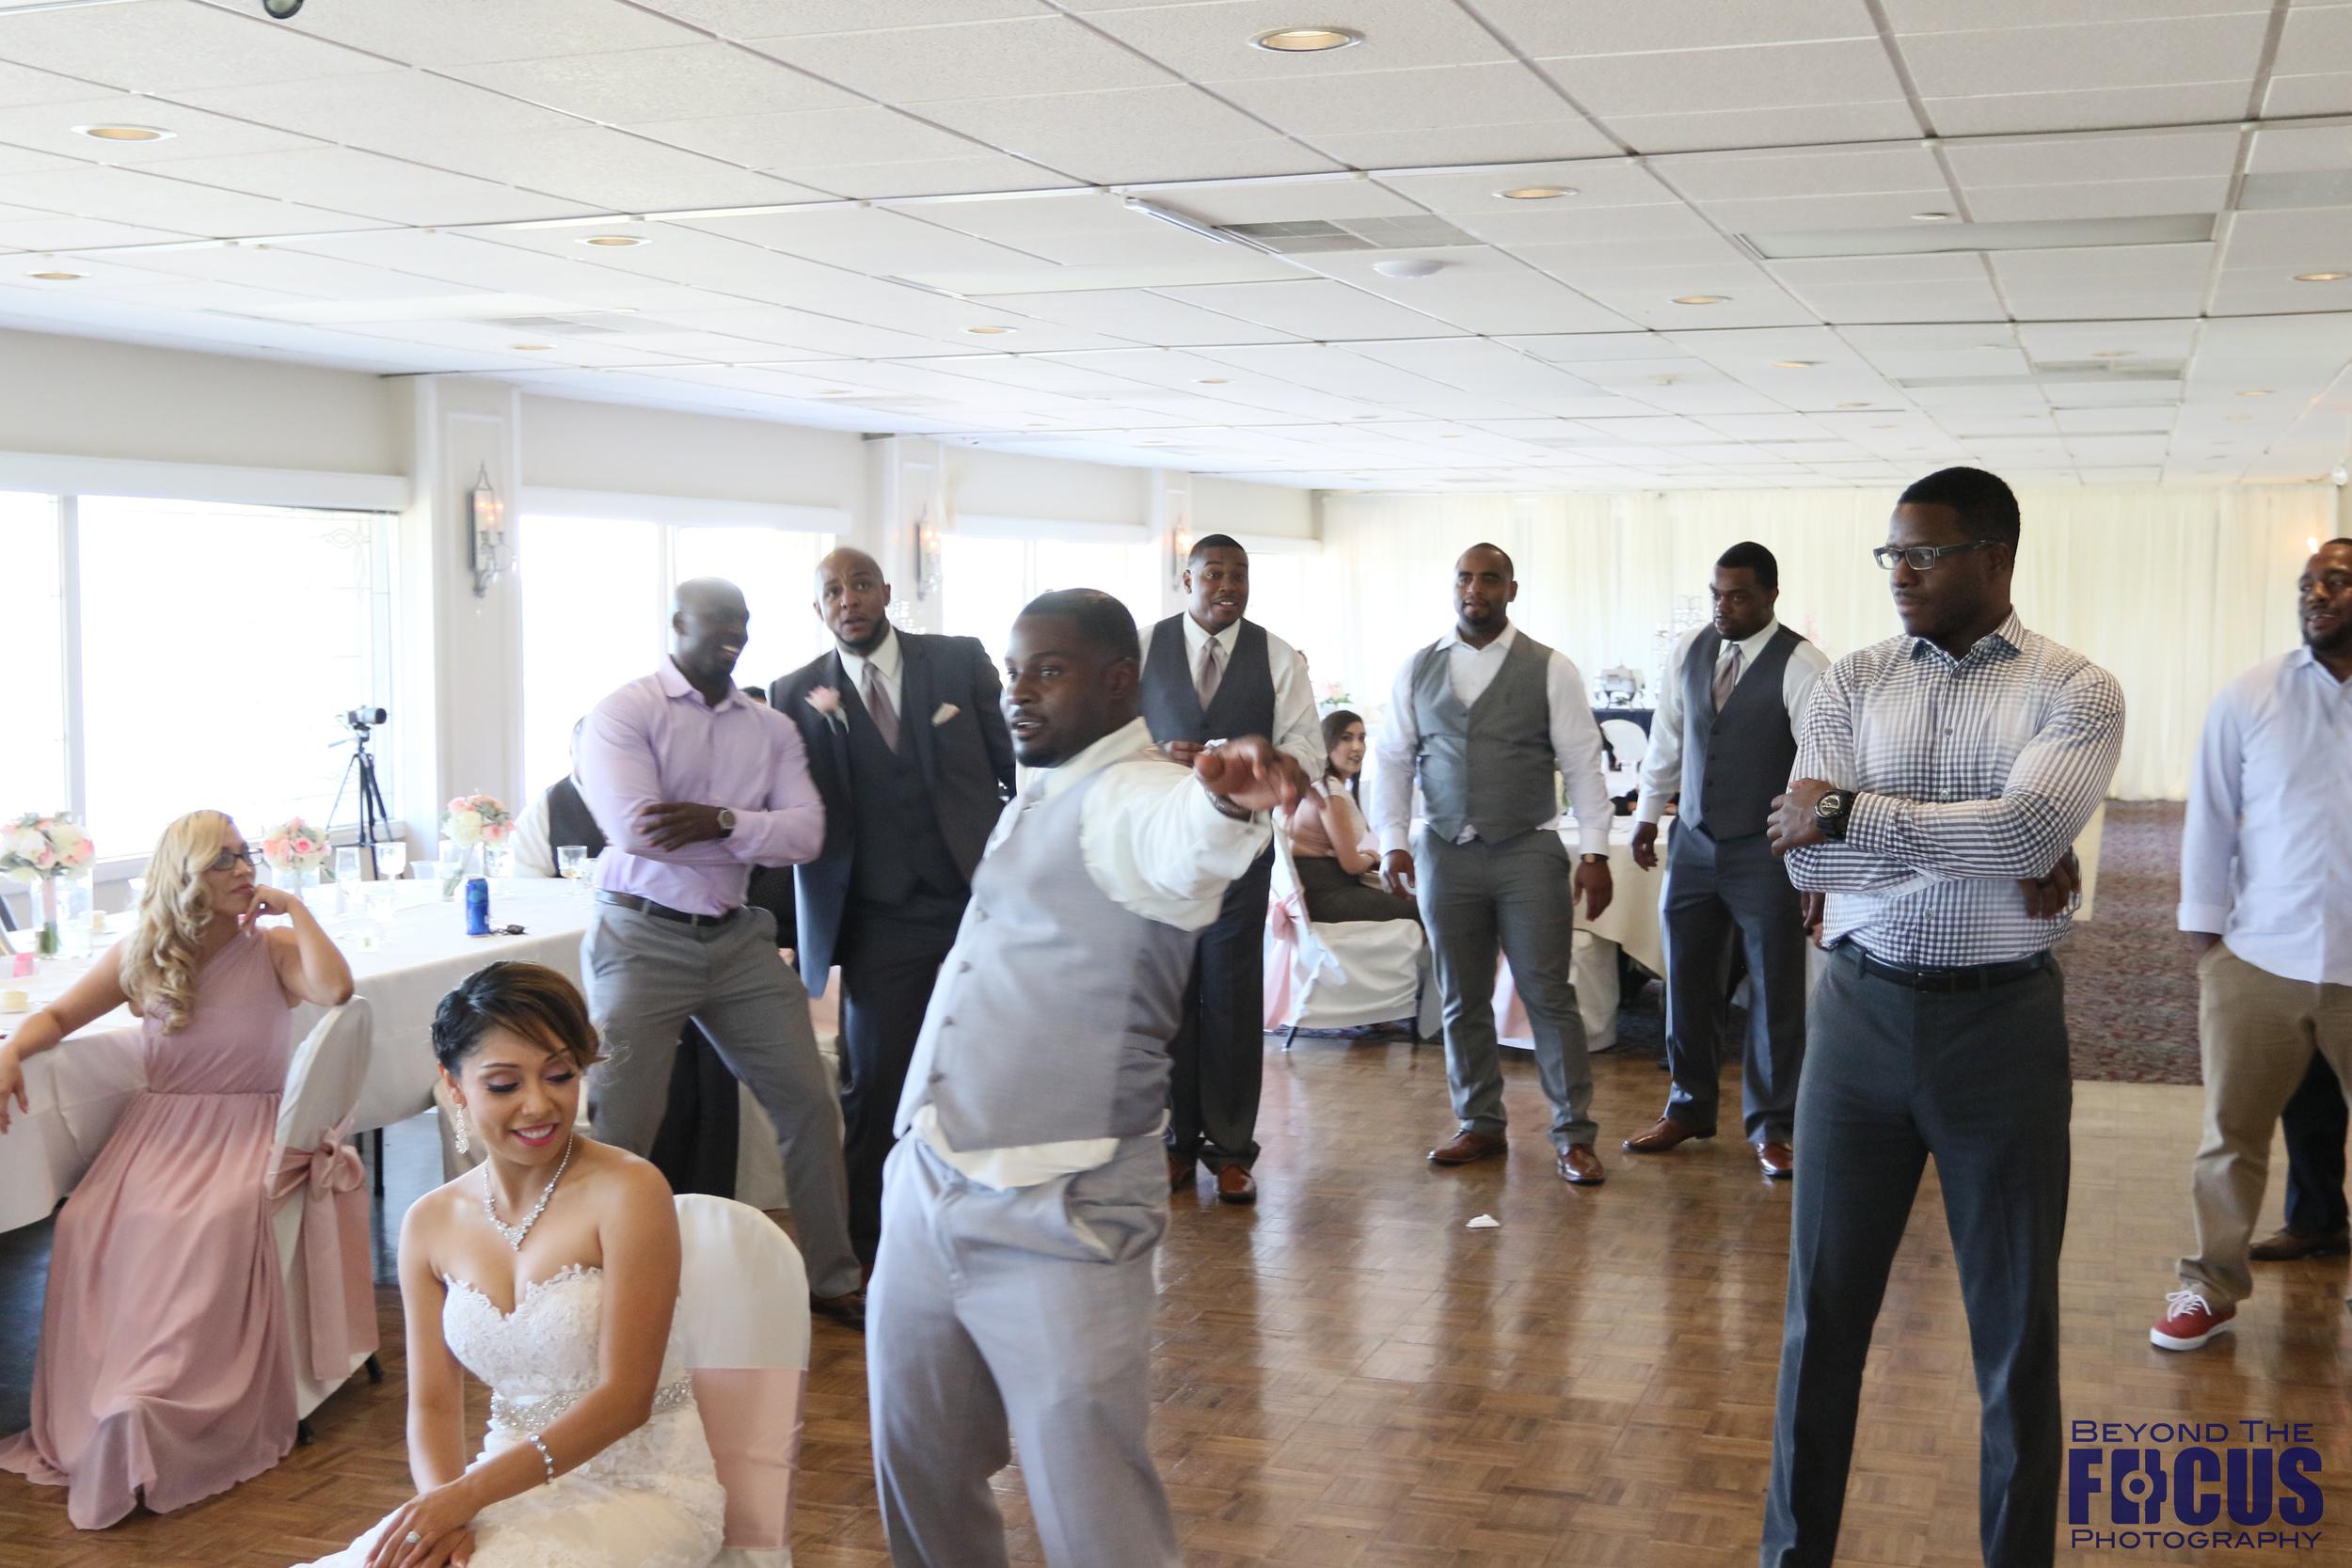 Palmer Wedding - Reception 50.jpg